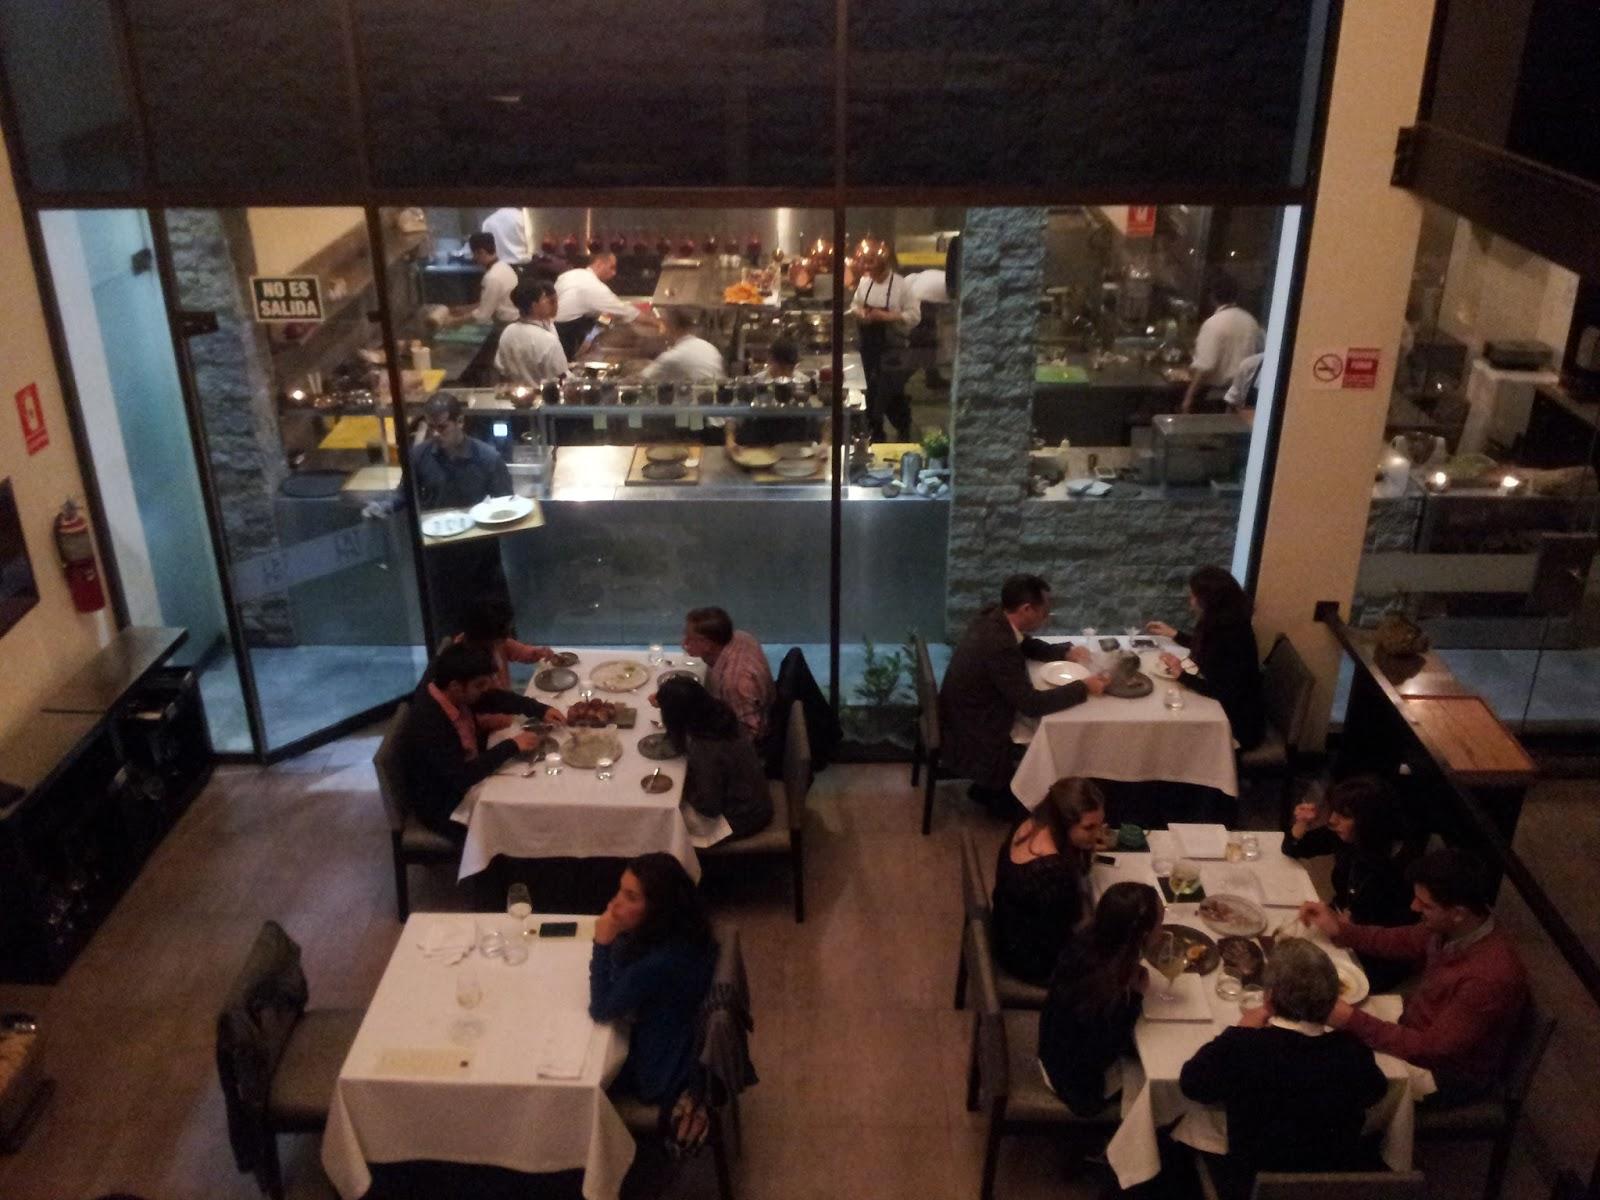 El dadaista gastronómico: Restaurante Central: Cocina de autor en Lima